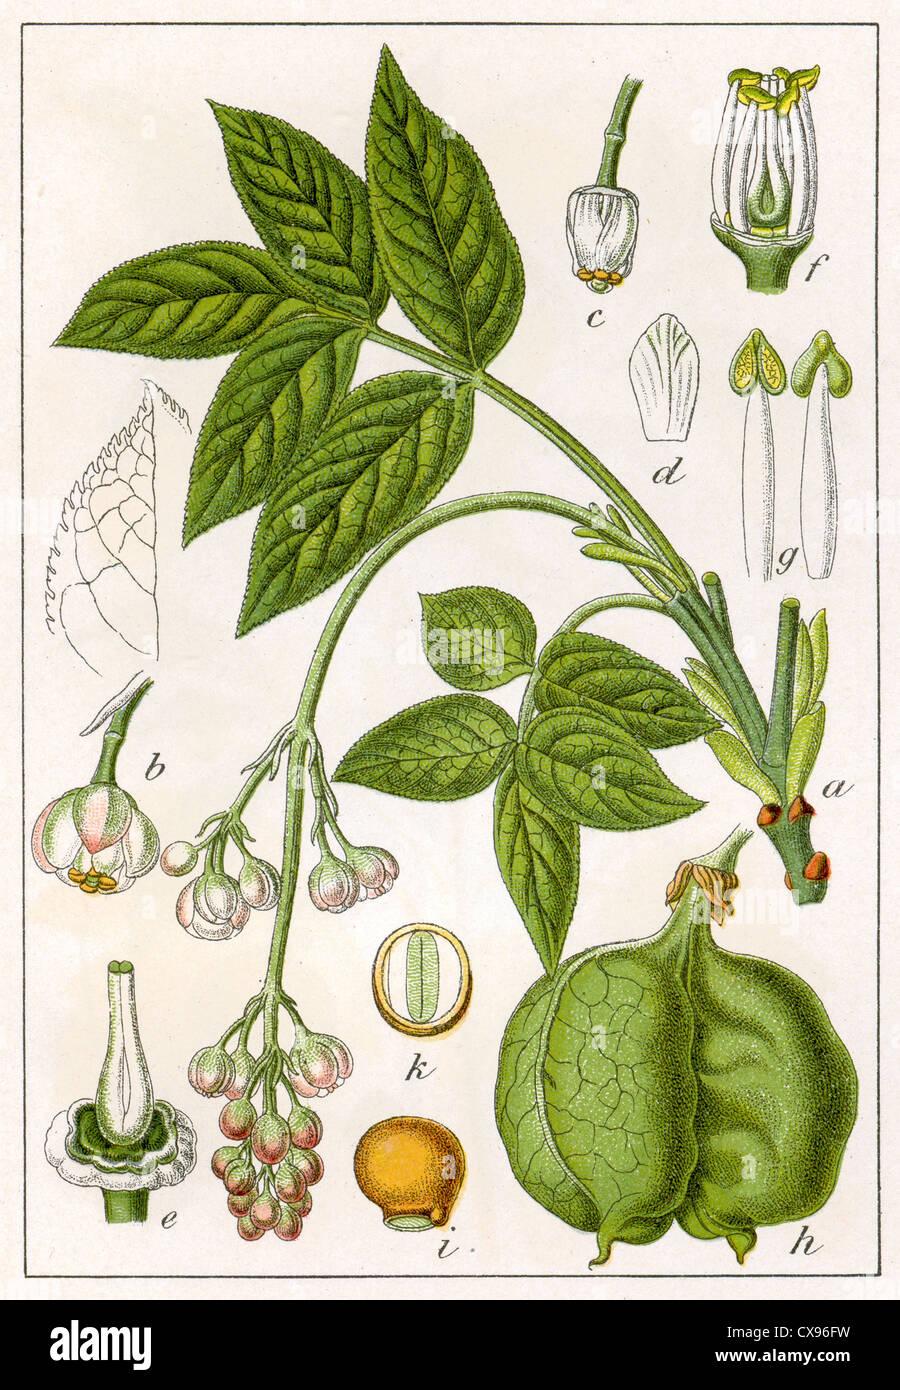 Staphylaea pinnata - Stock Image